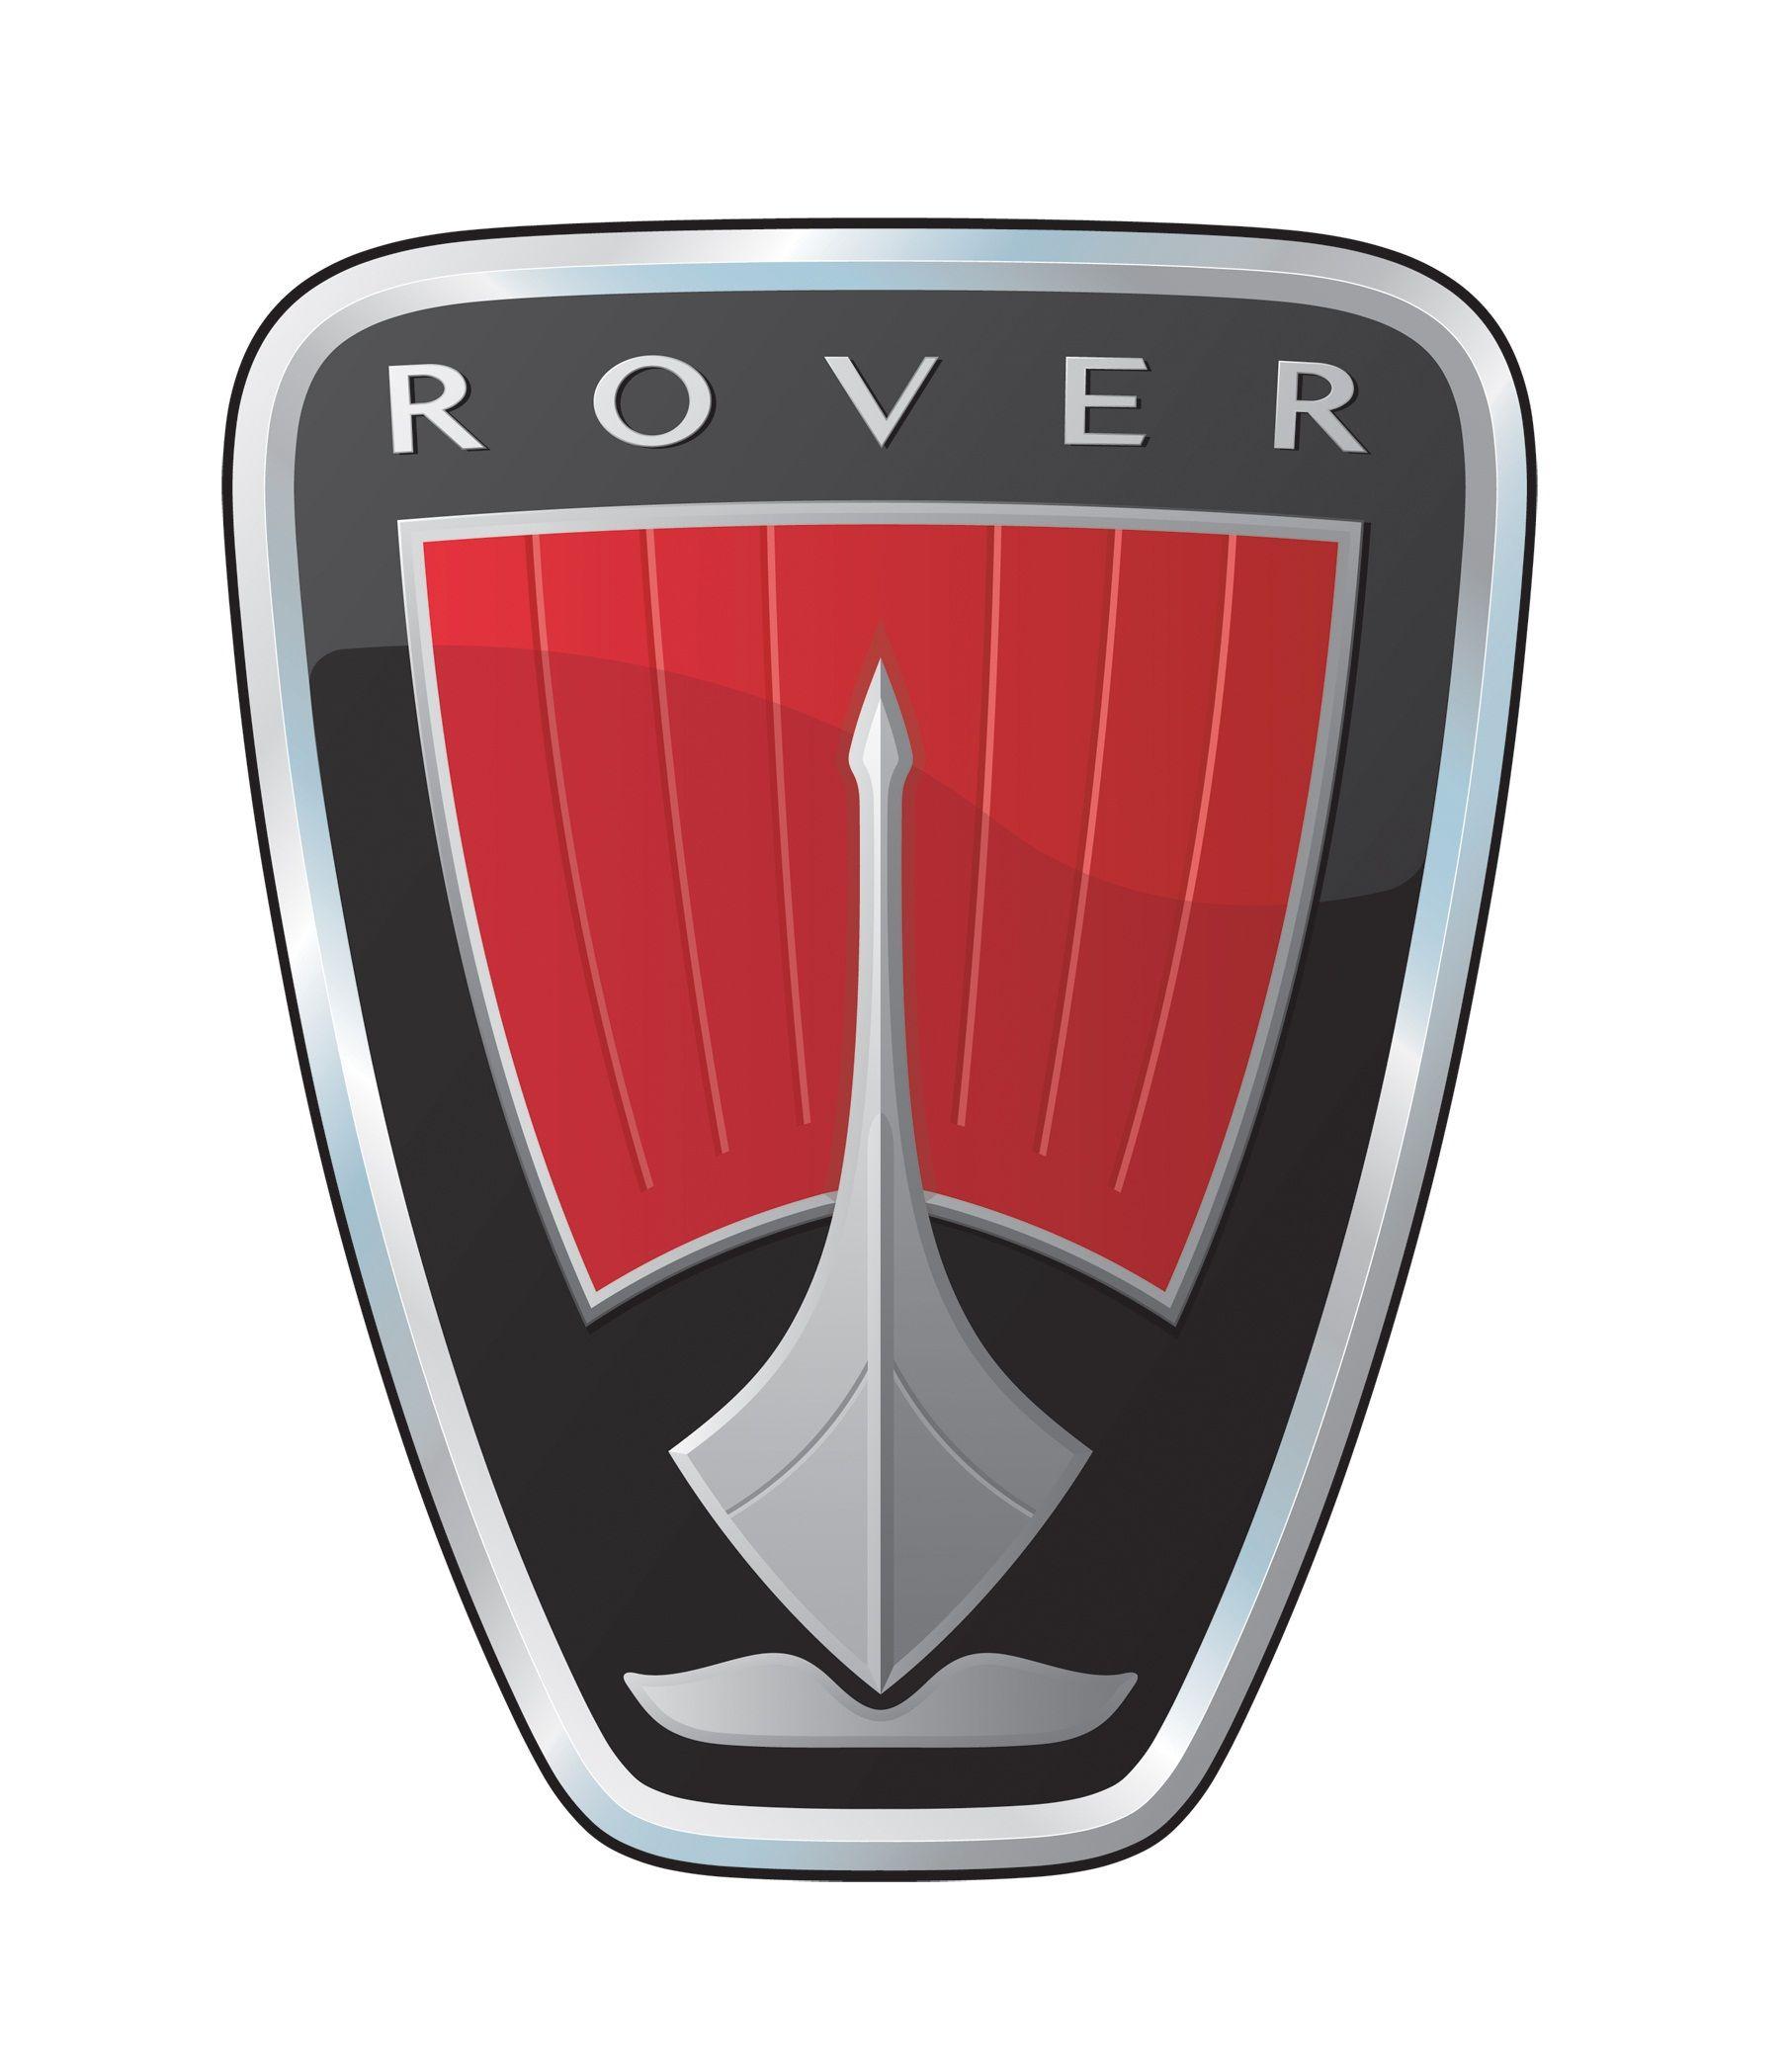 Rover Logo (With images) Car brand symbols, Car logos